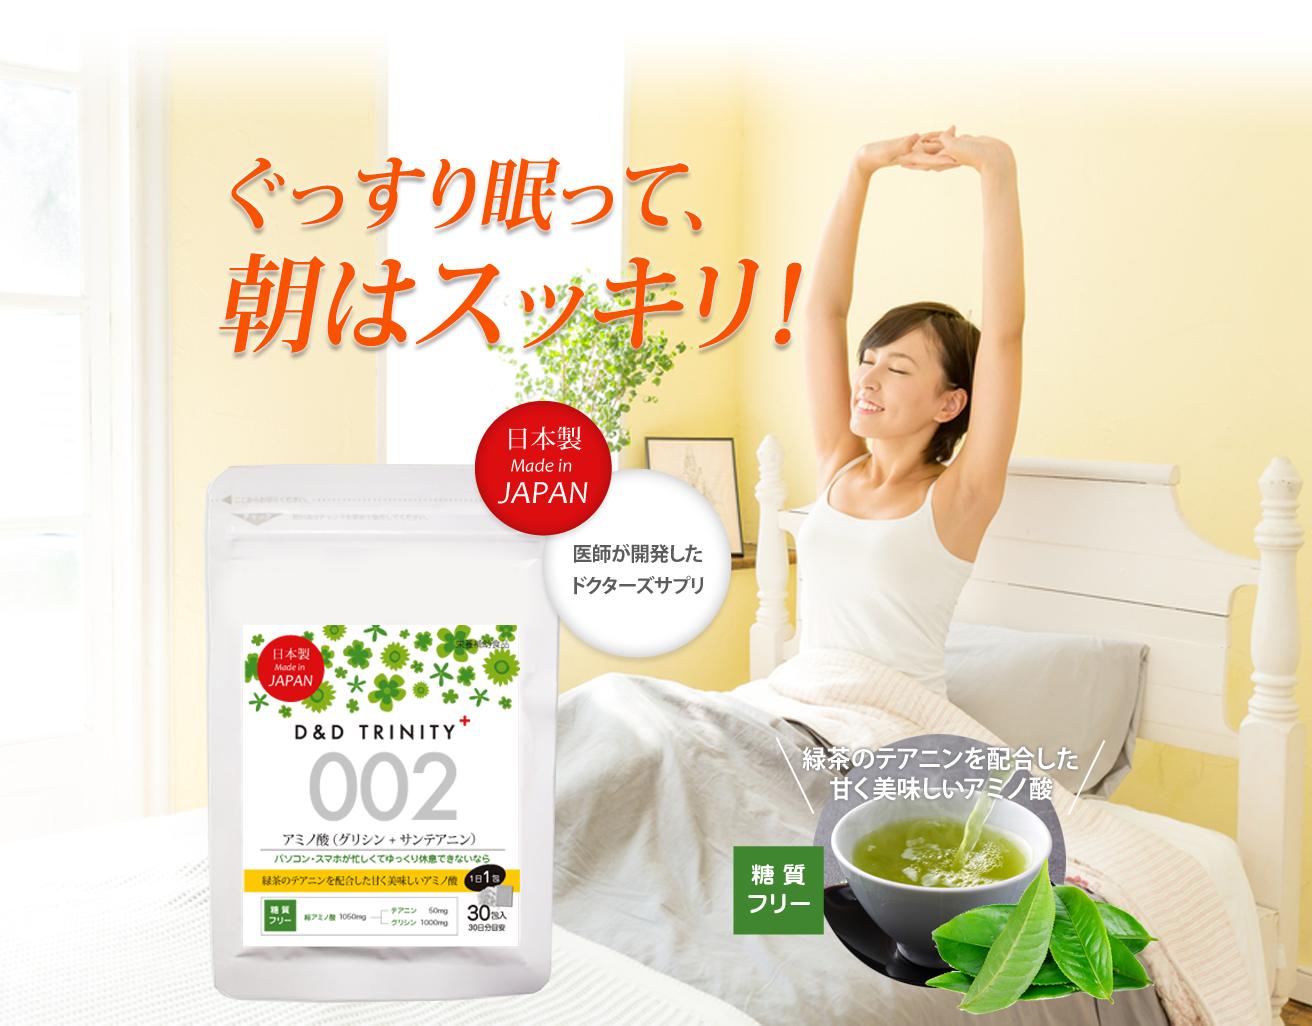 ぐっすり眠って、朝はスッキリ!ディディトリニティー 002。日本製、Made in JAPAN。医師が開発したドクターズサプリ